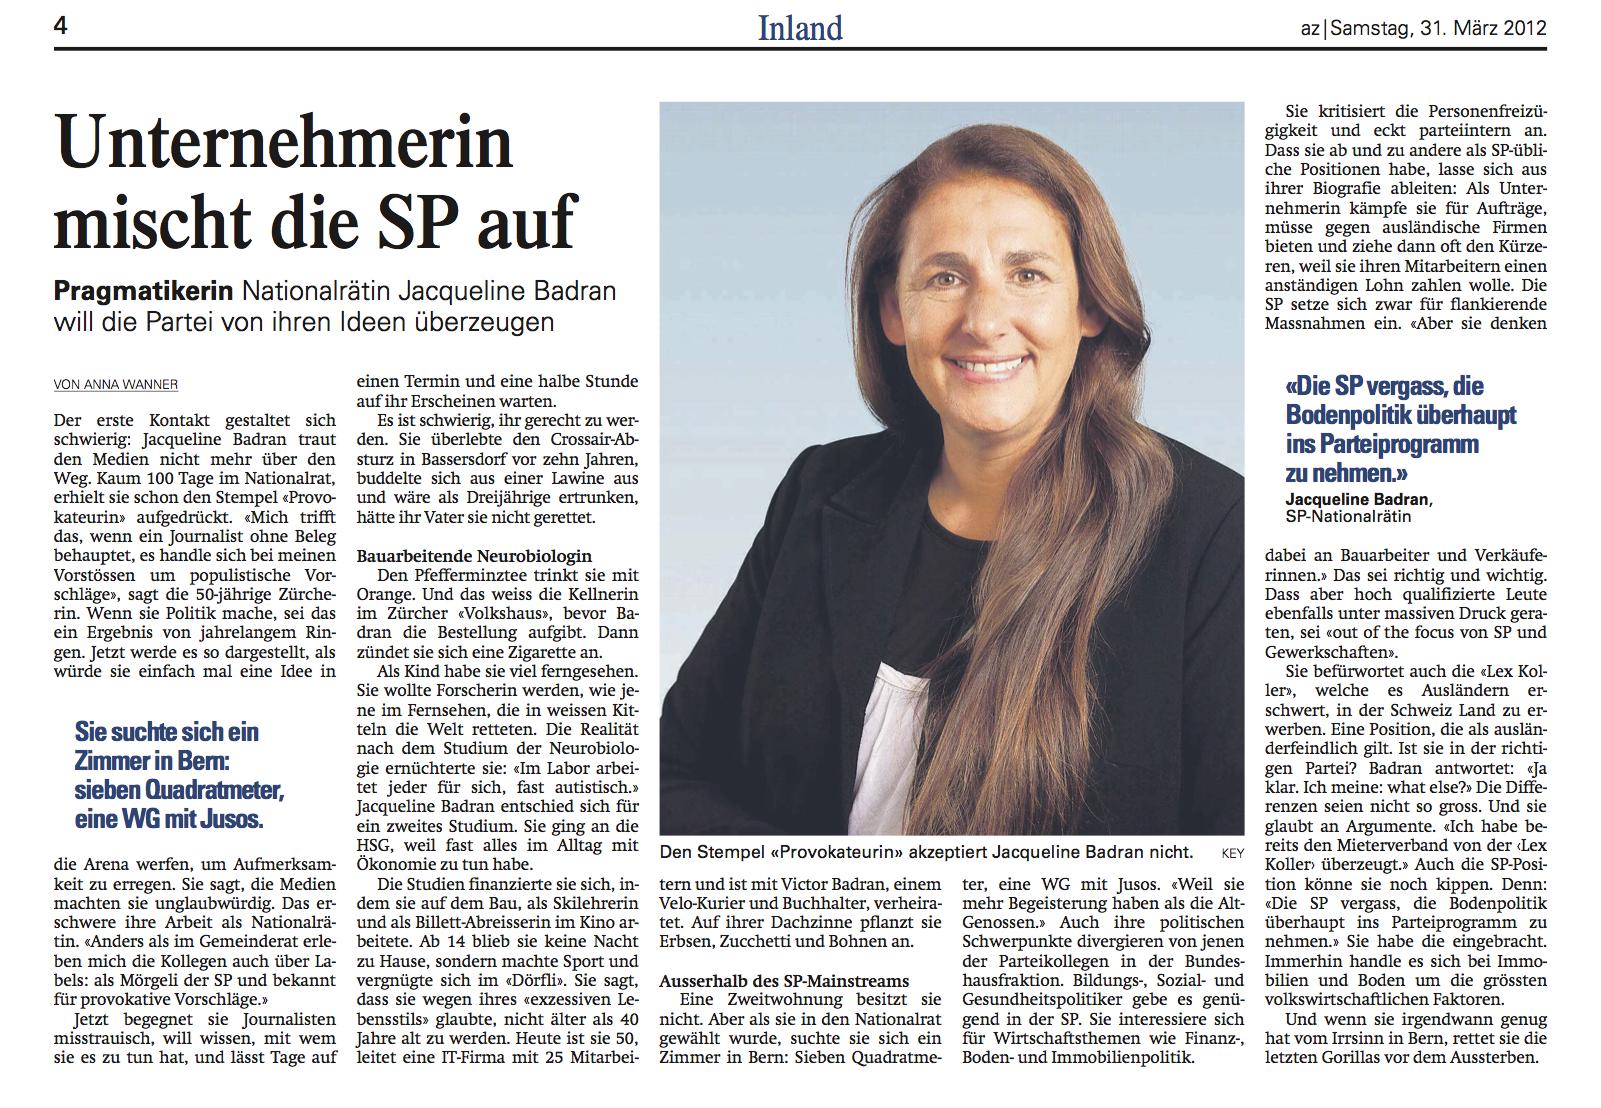 Artikel über Jacqueline Badran in der Aargauer Zeitung vom 31. März 2012